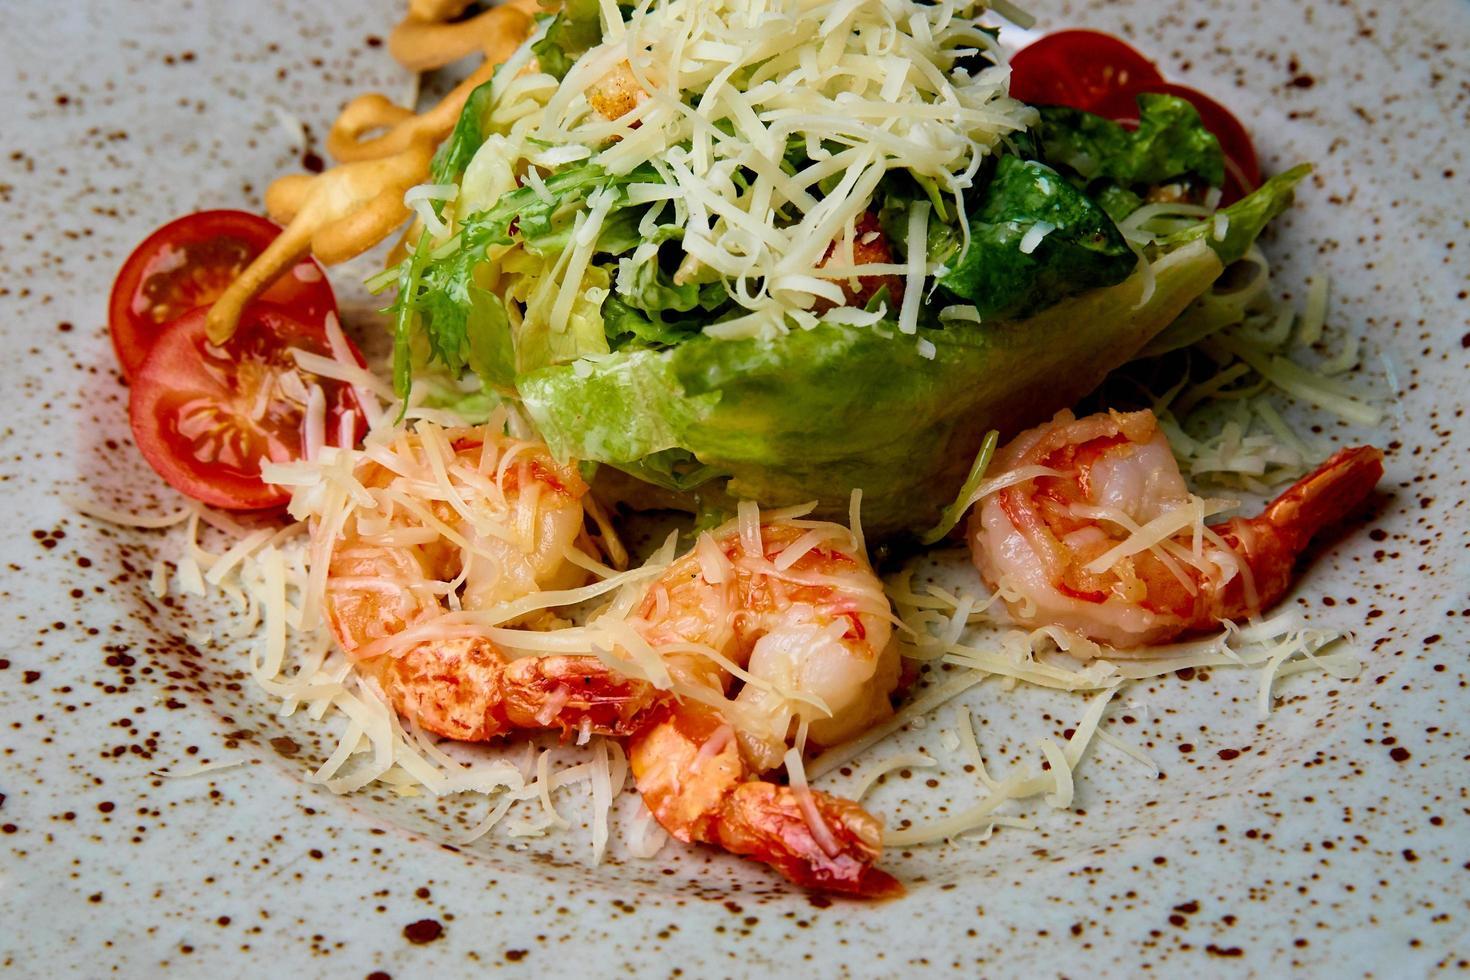 salade de fruits de mer sur une assiette photo